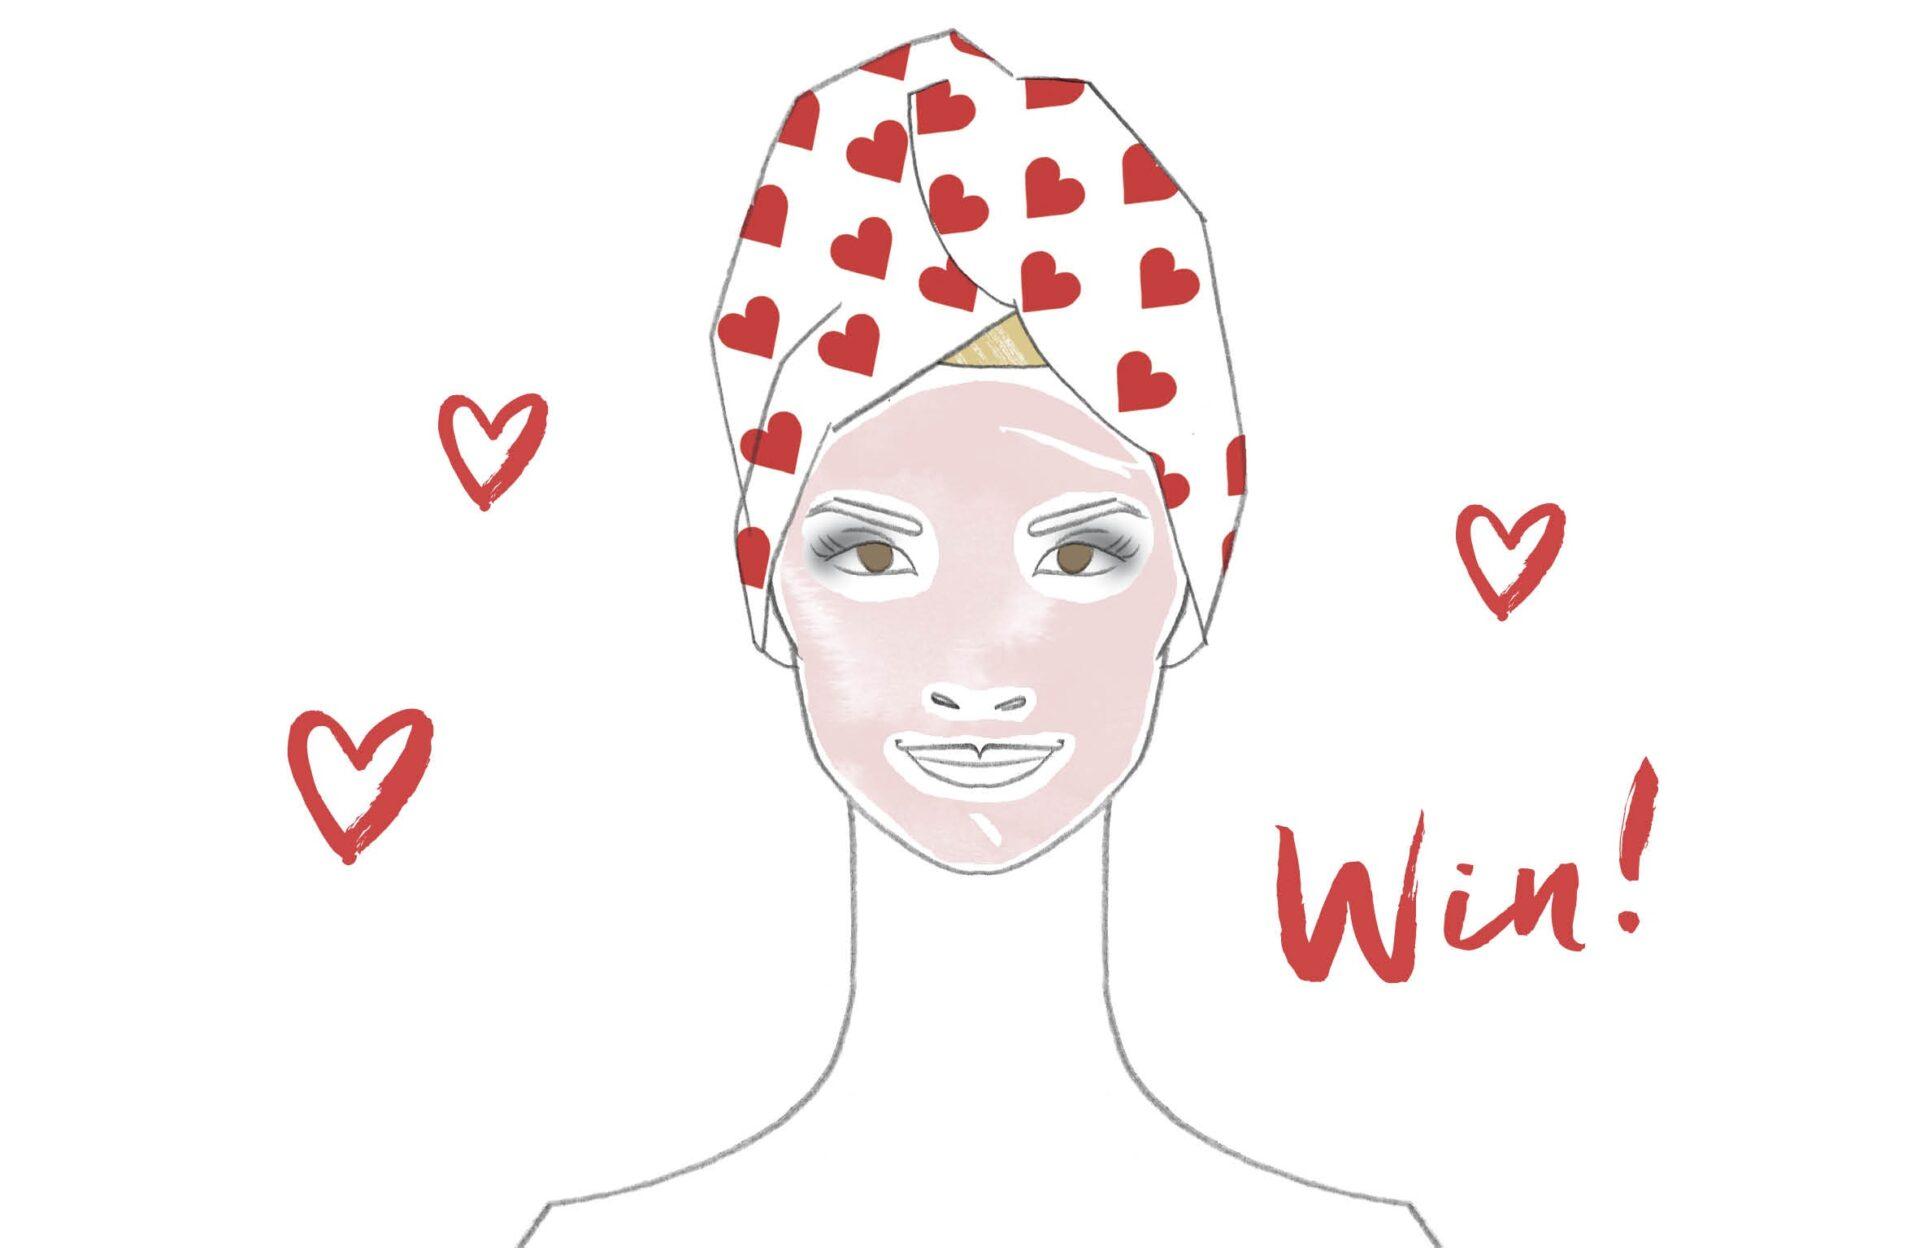 wendy prijs WENDY viert feest: win een yogamat gemaakt door Ruud de Wild!